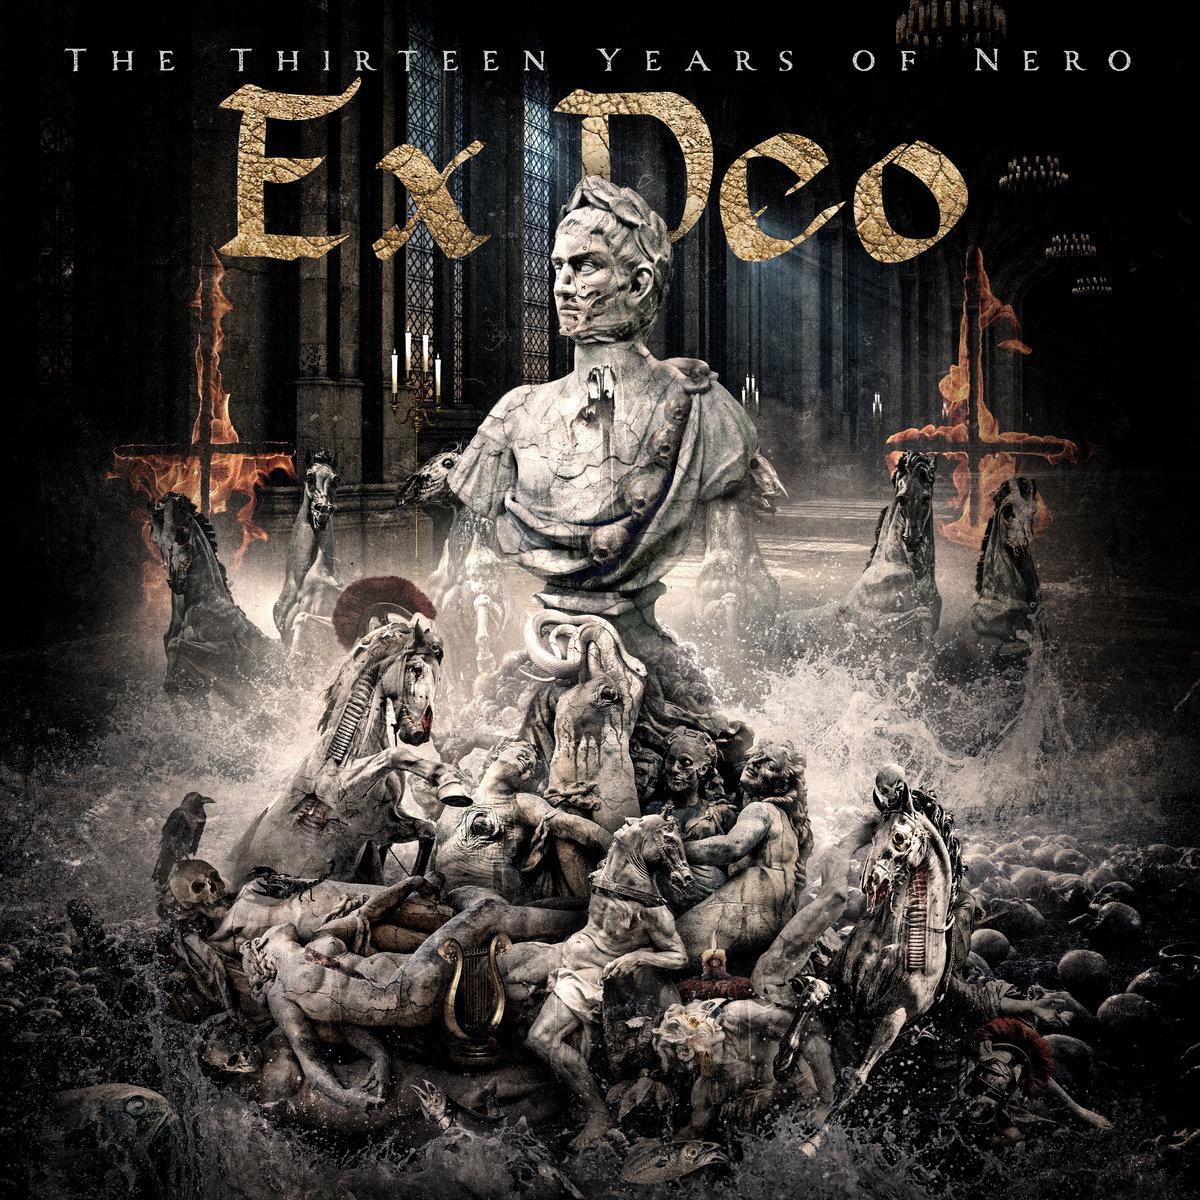 The Thirteen Years Of Nero ex deoex deo